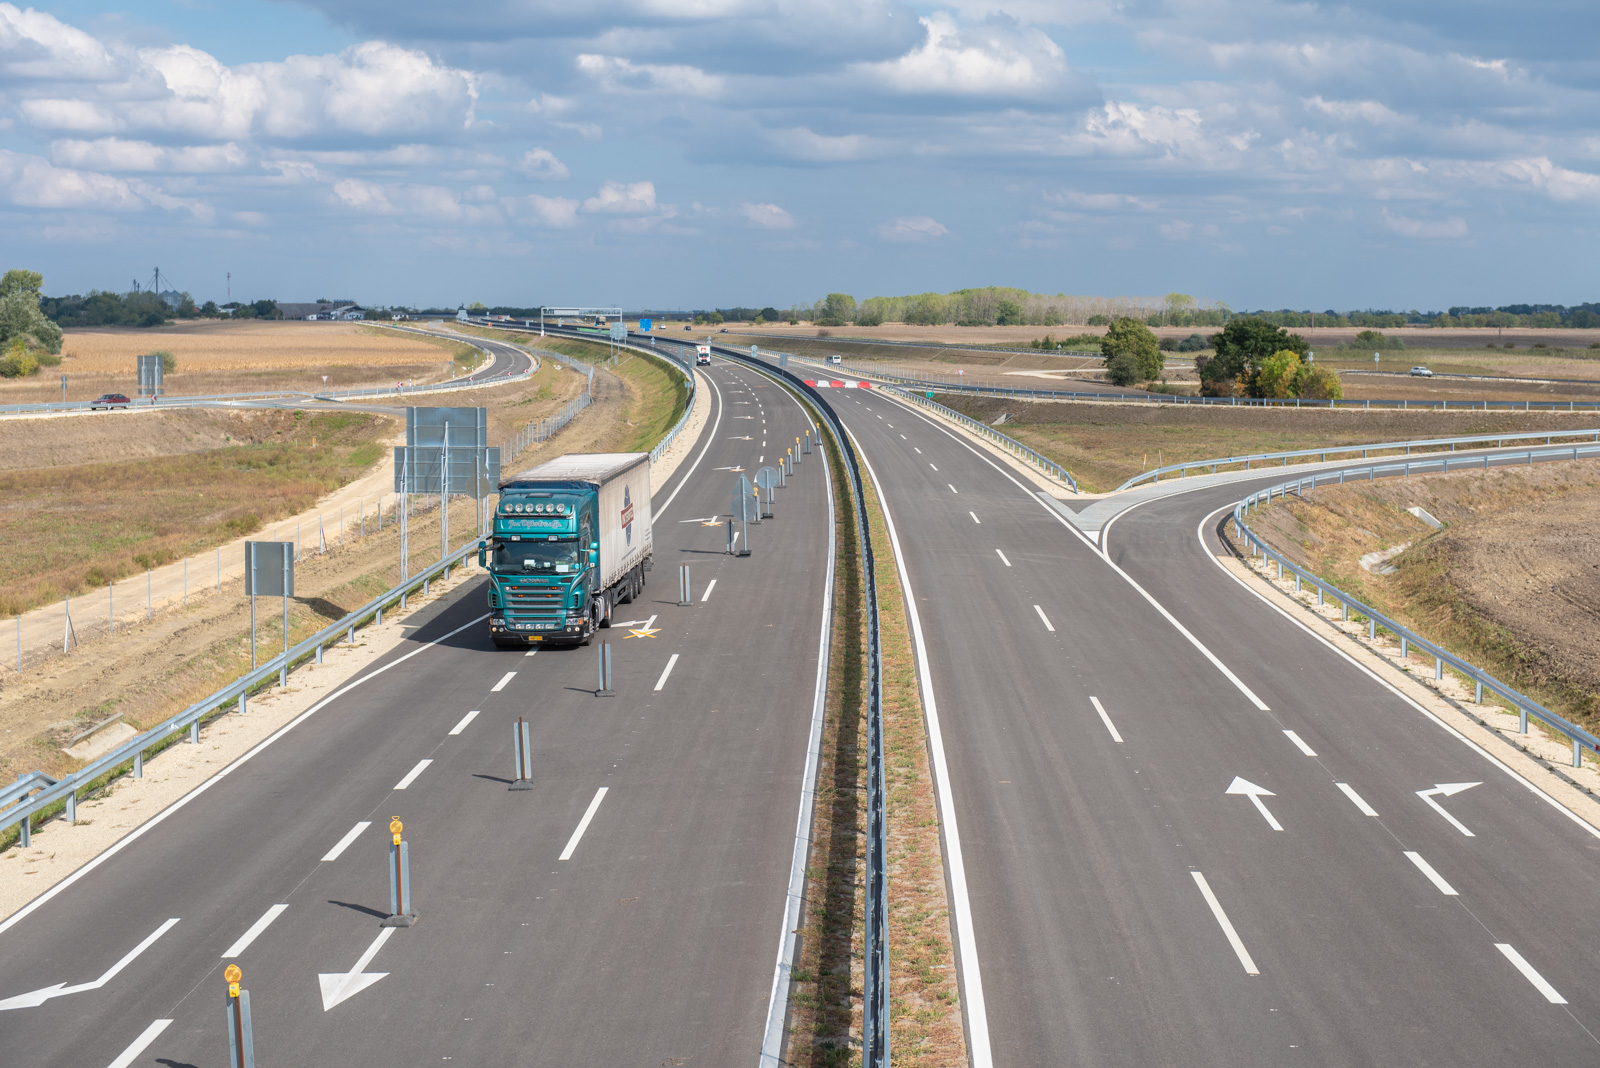 Újabb szakasszal bővült az M44-es gyorsforgalmi út